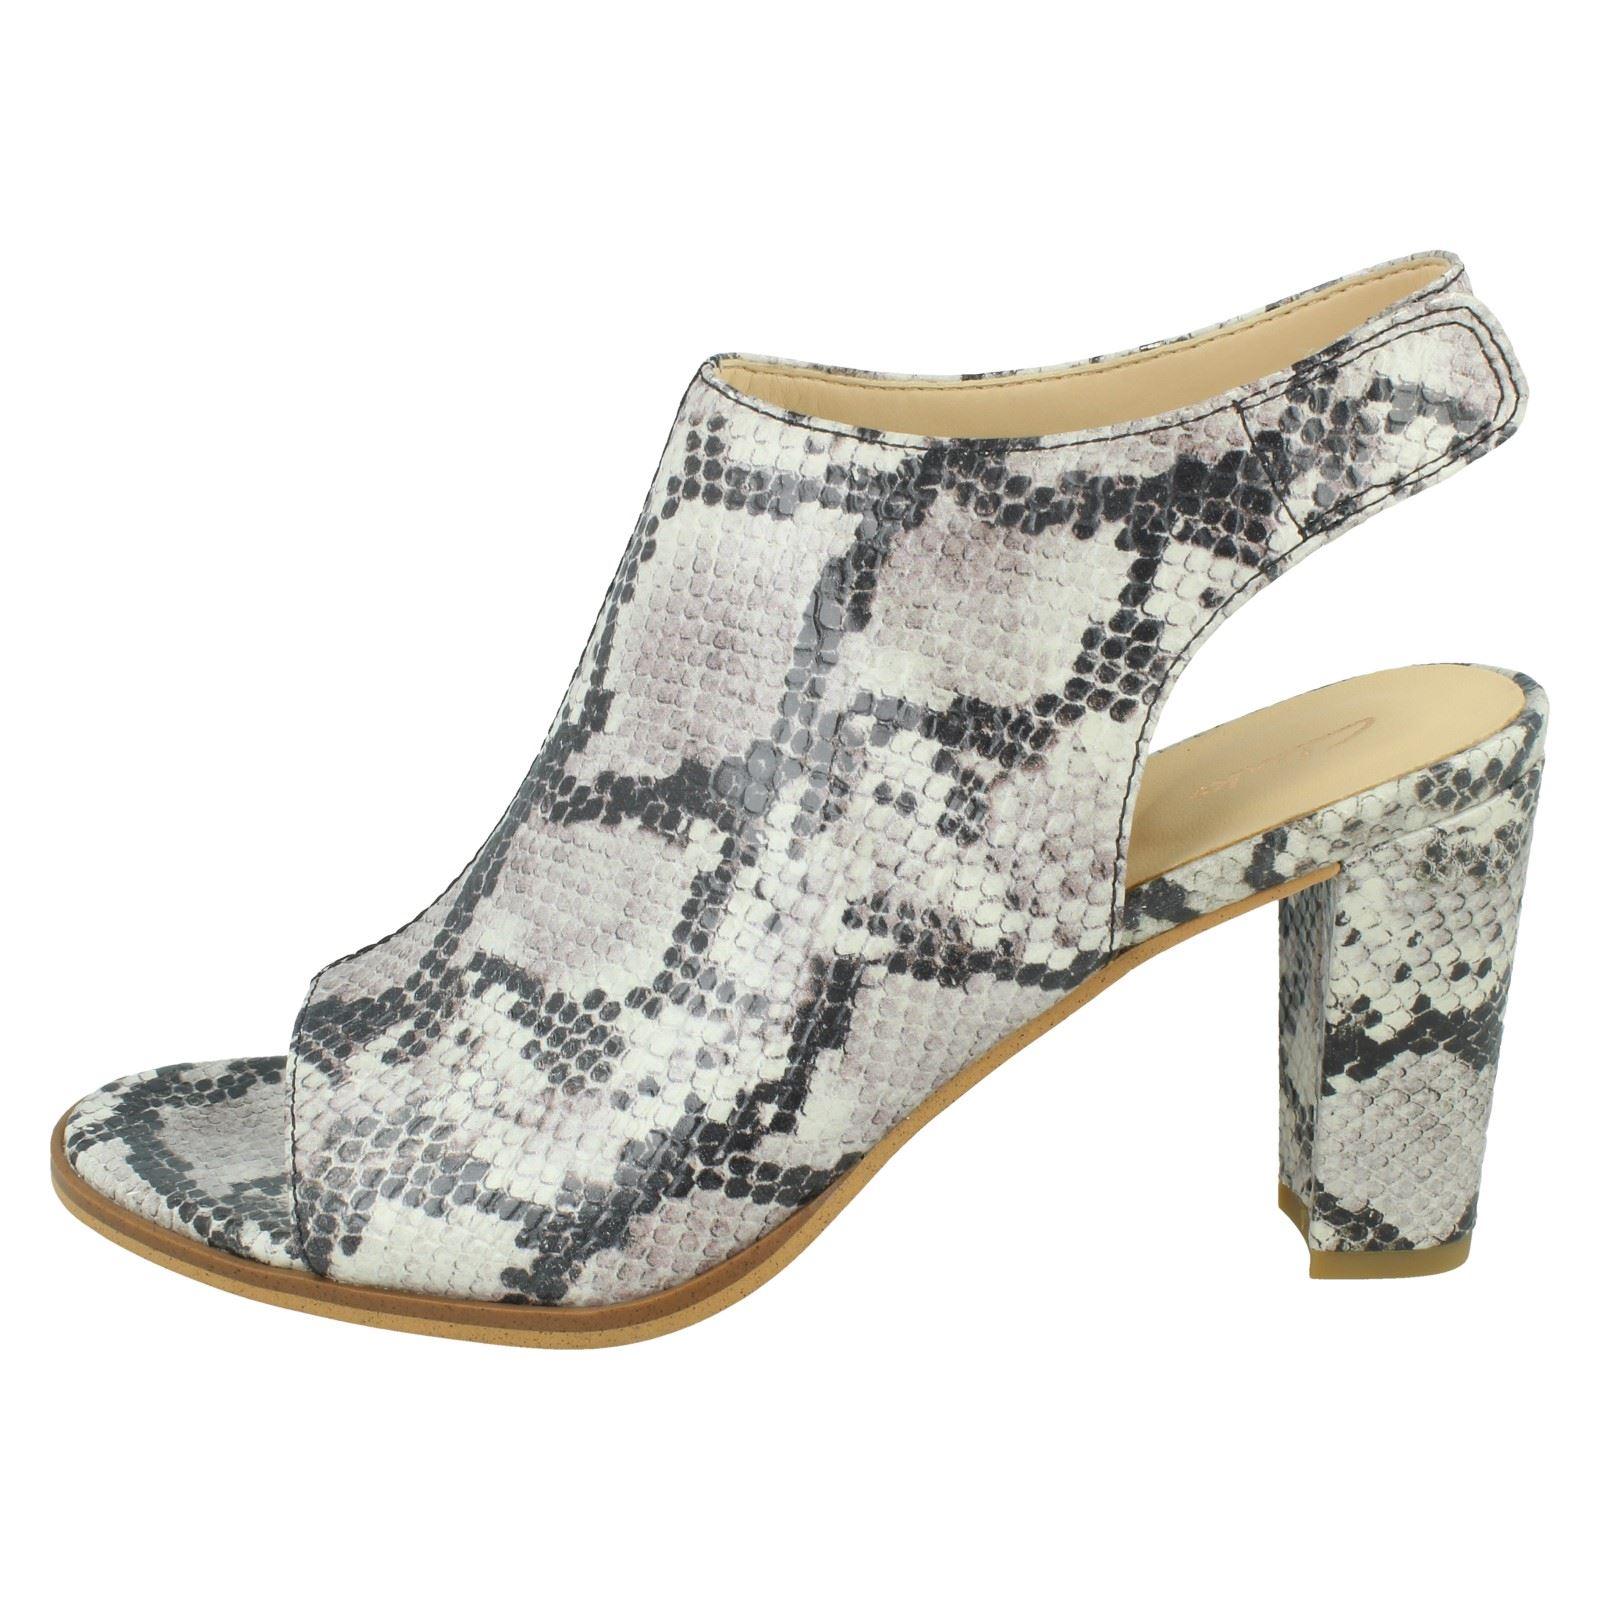 Feudal Vacaciones doble  Zapatos de tacón Damas Clarks Kaylin 85 Honda Peep Toe Tacones Ropa,  calzado y complementos aniversarioqroo.cozumel.gob.mx